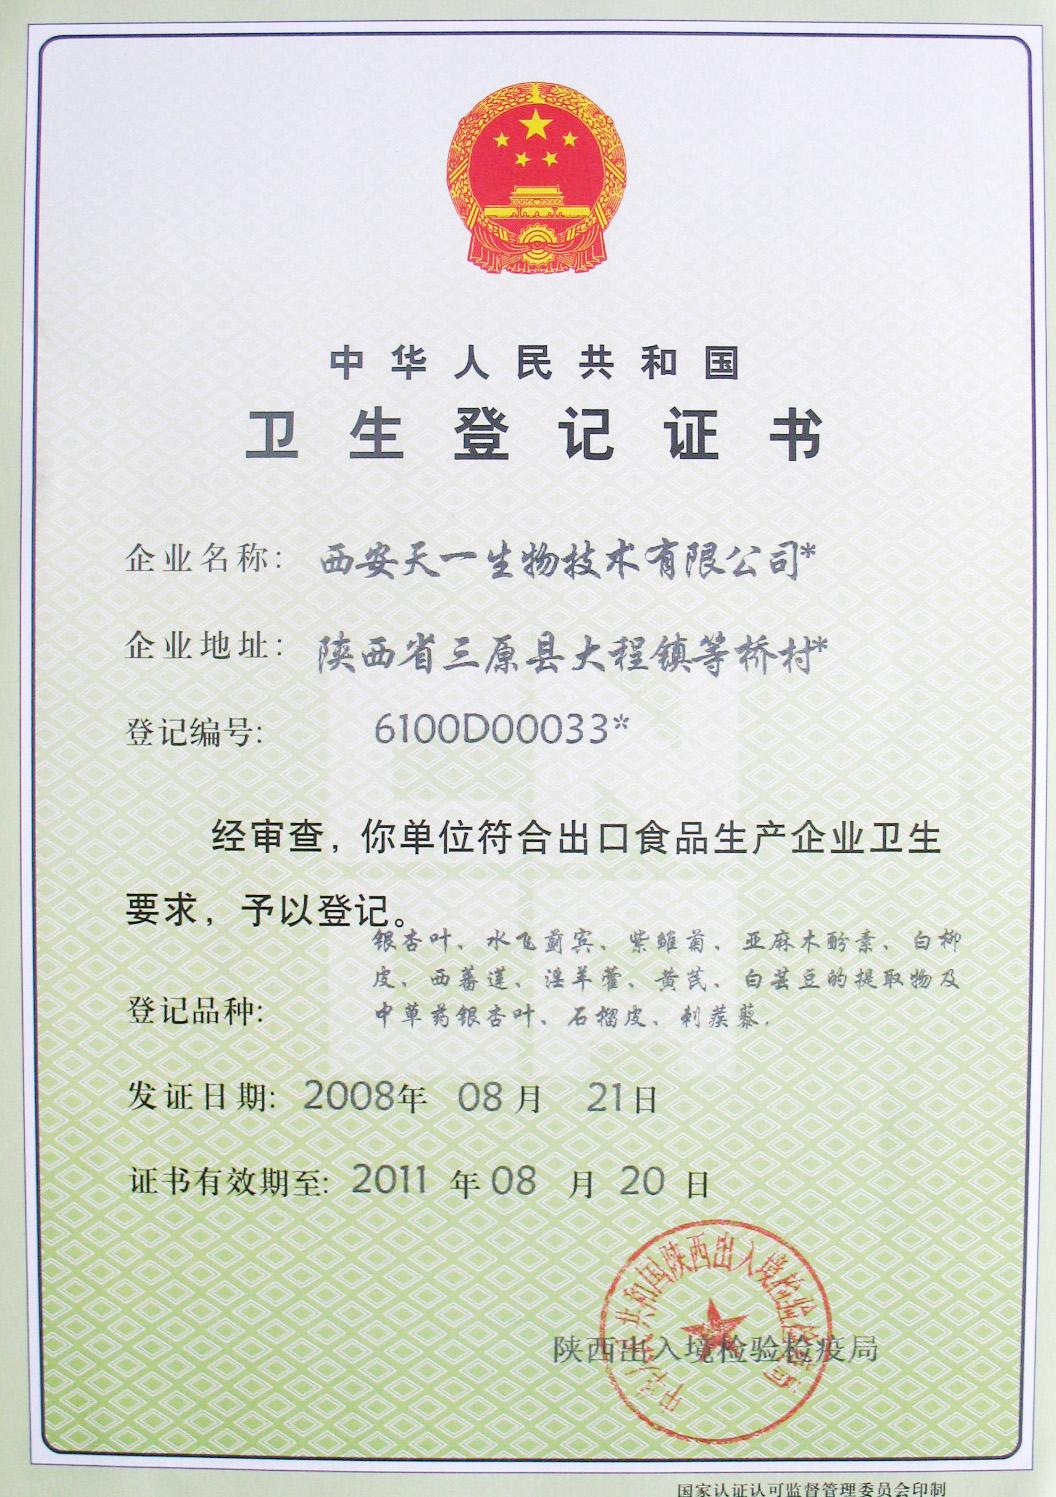 《中华人名共和国卫生登记证书》